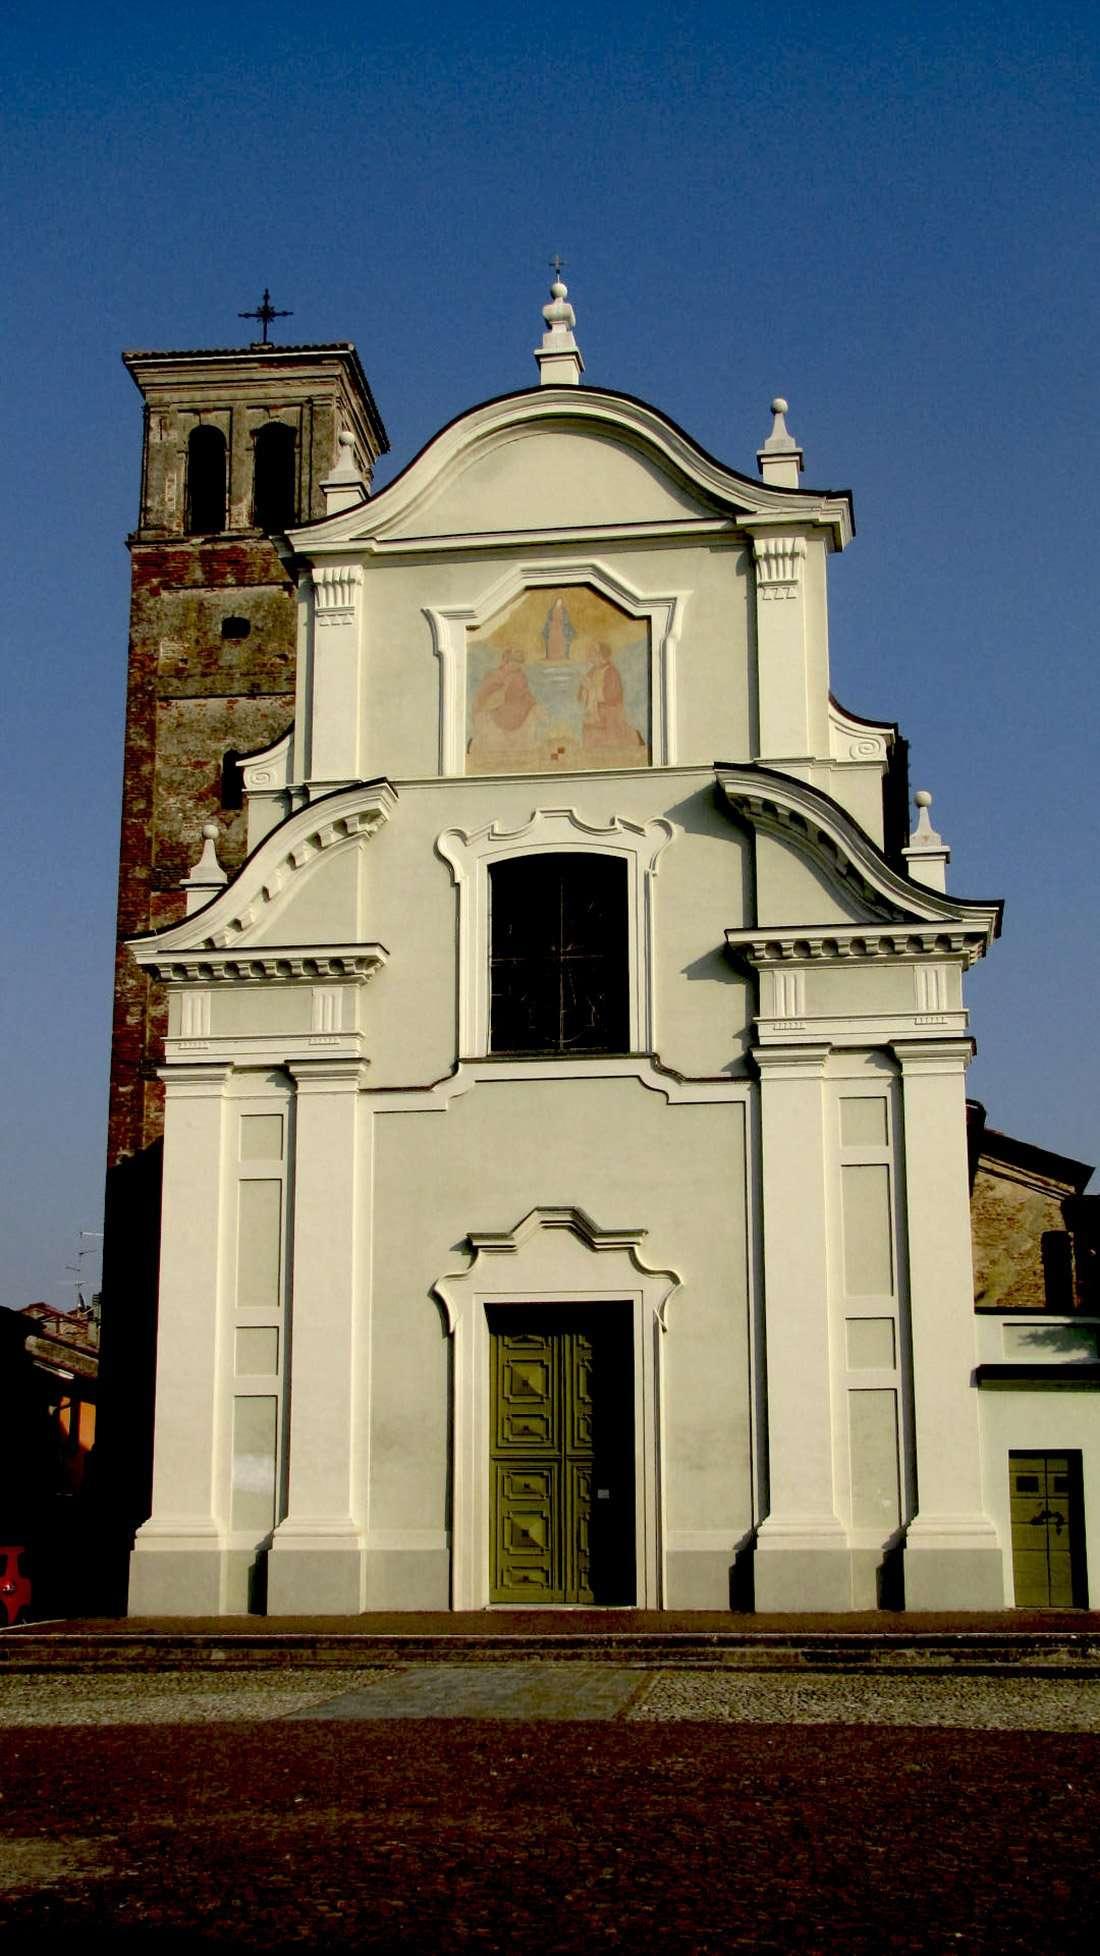 castelponzone - Chiesa Parrocchiale